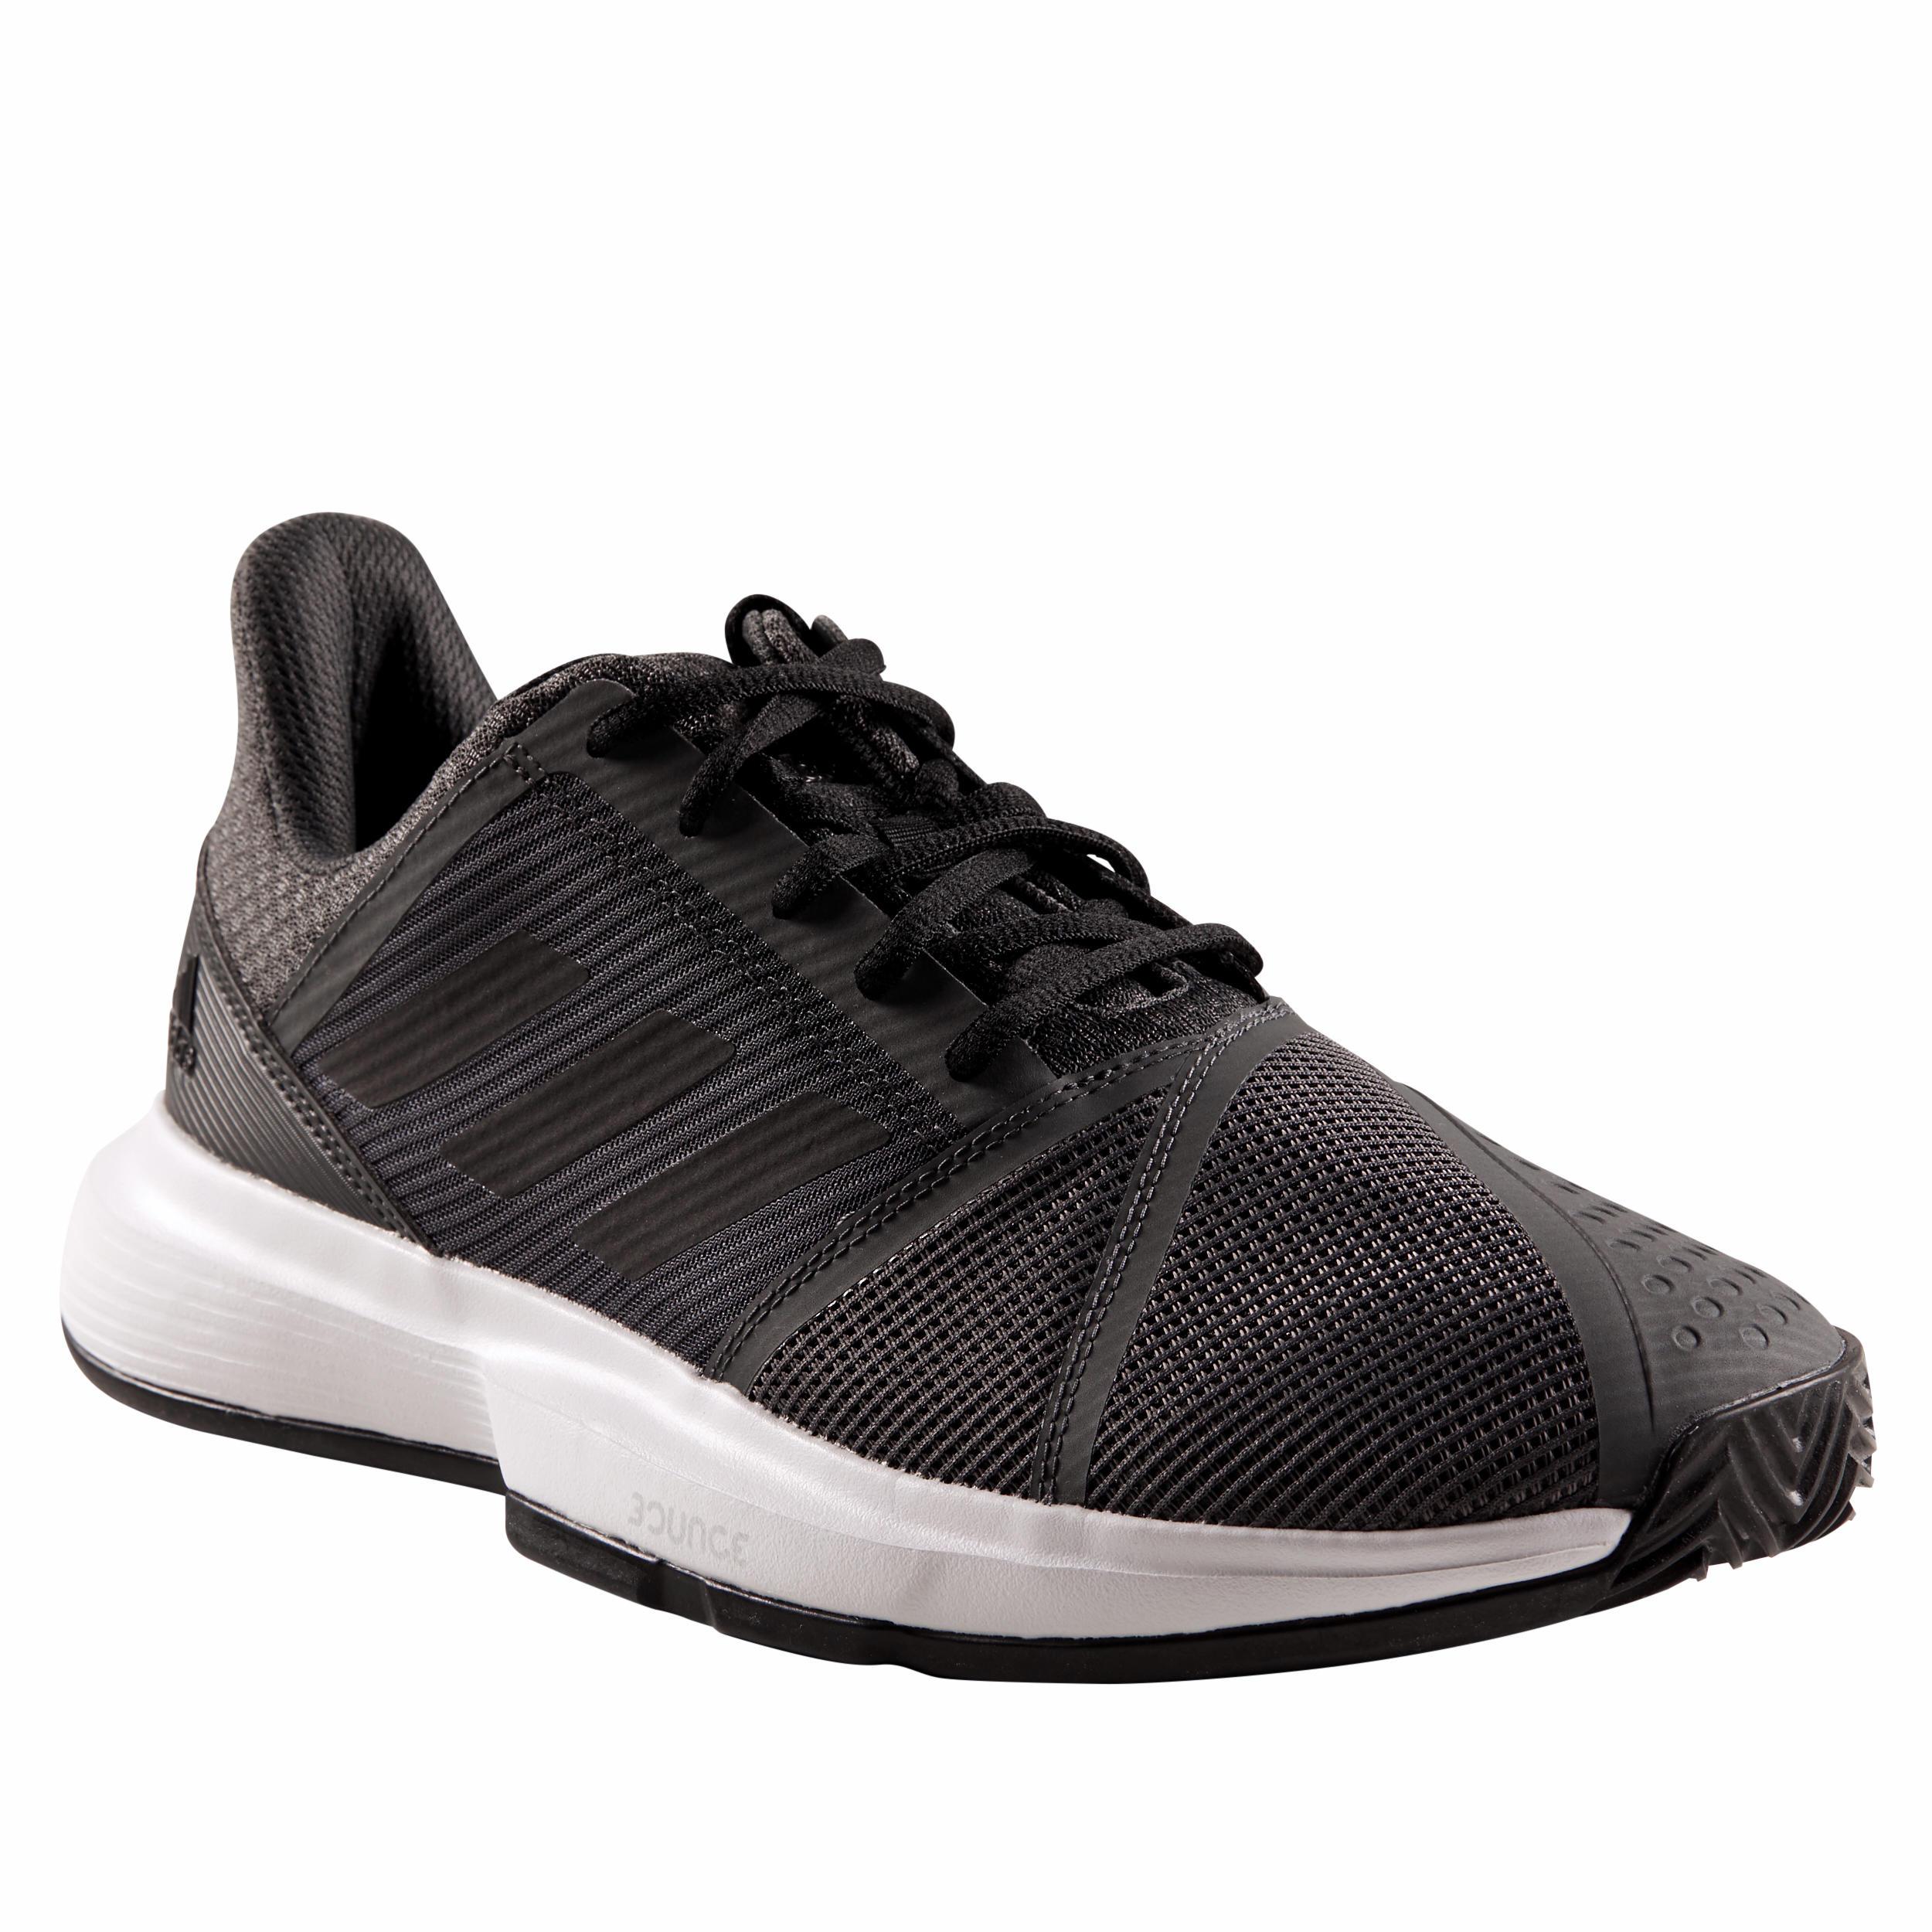 Încălțăminte Adidas COURTJAM imagine